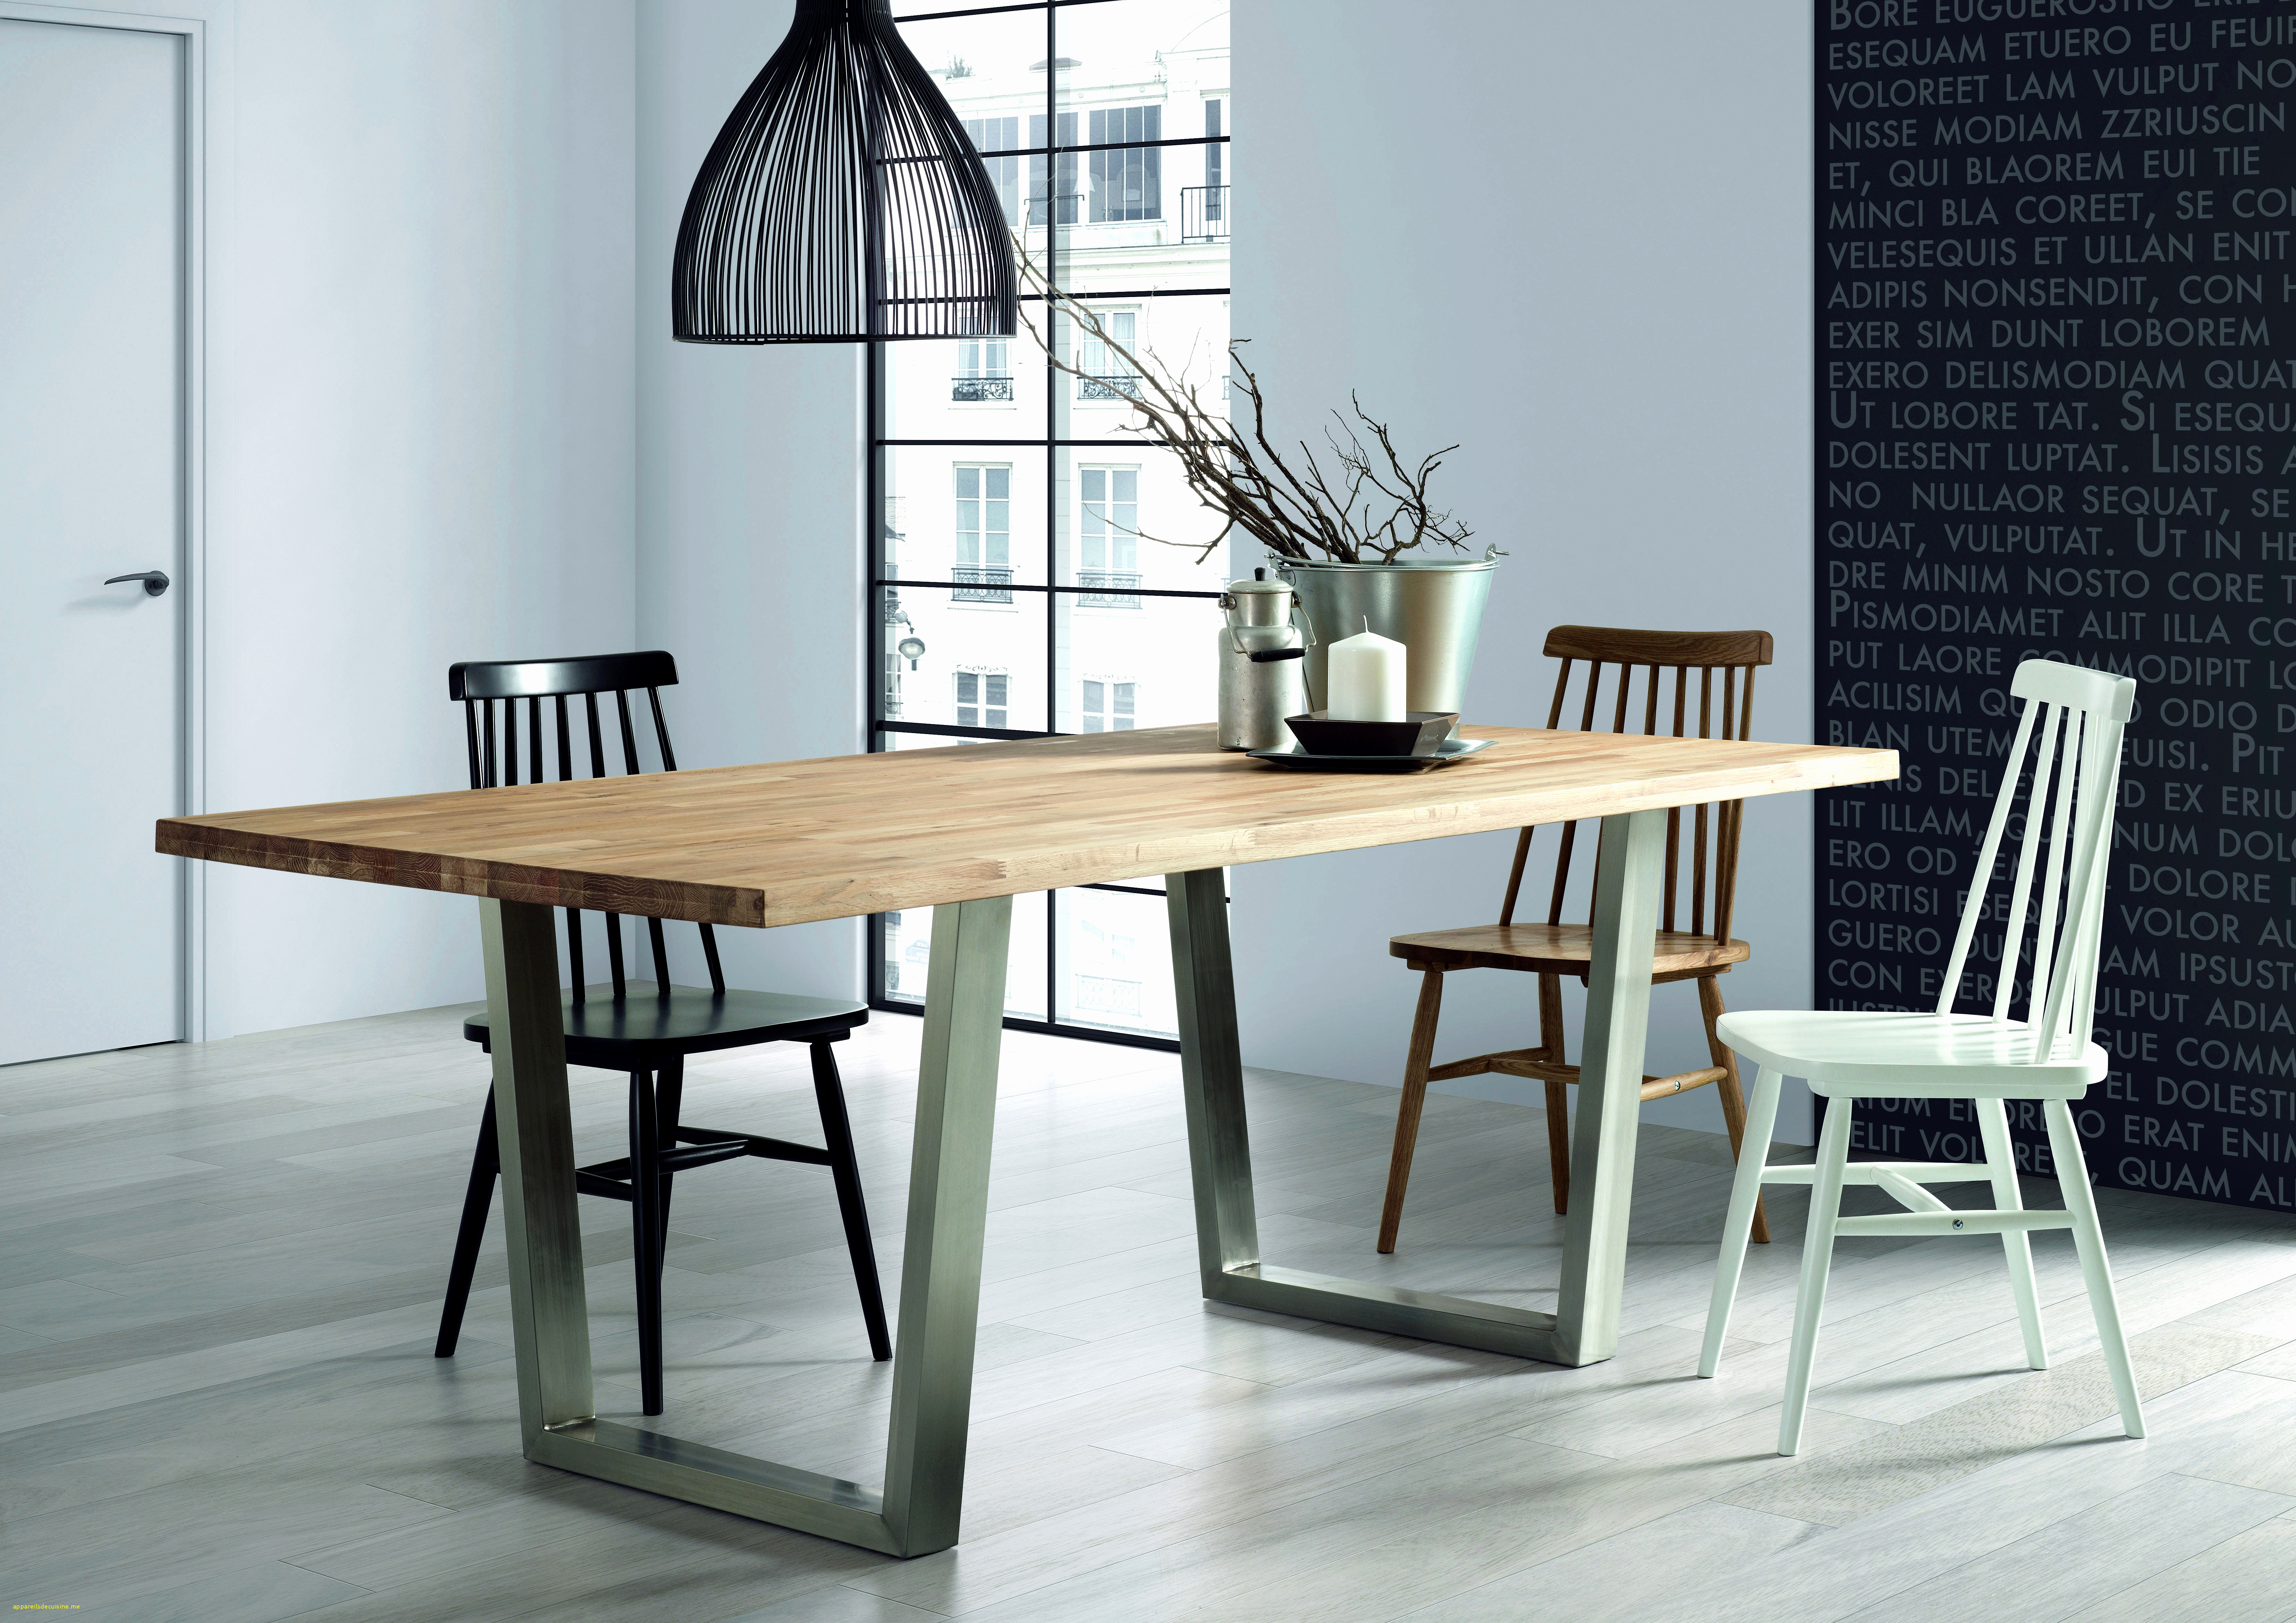 Ikea Applique Salle De Bain Beau Image Résultat Supérieur Table Cuisine Extensible Merveilleux Table Ronde